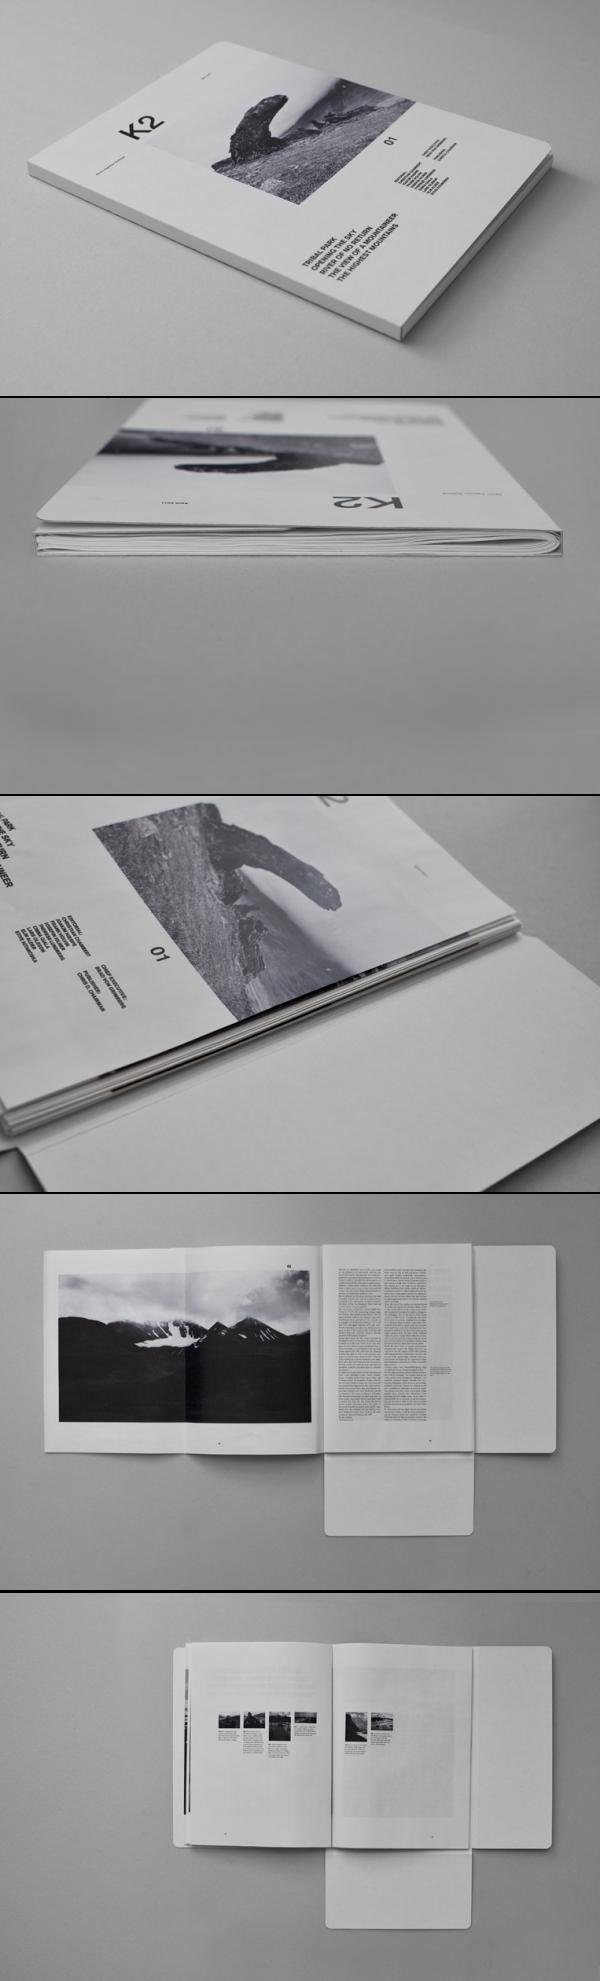 http://torbjornkihlberg.com/k2-magazine/